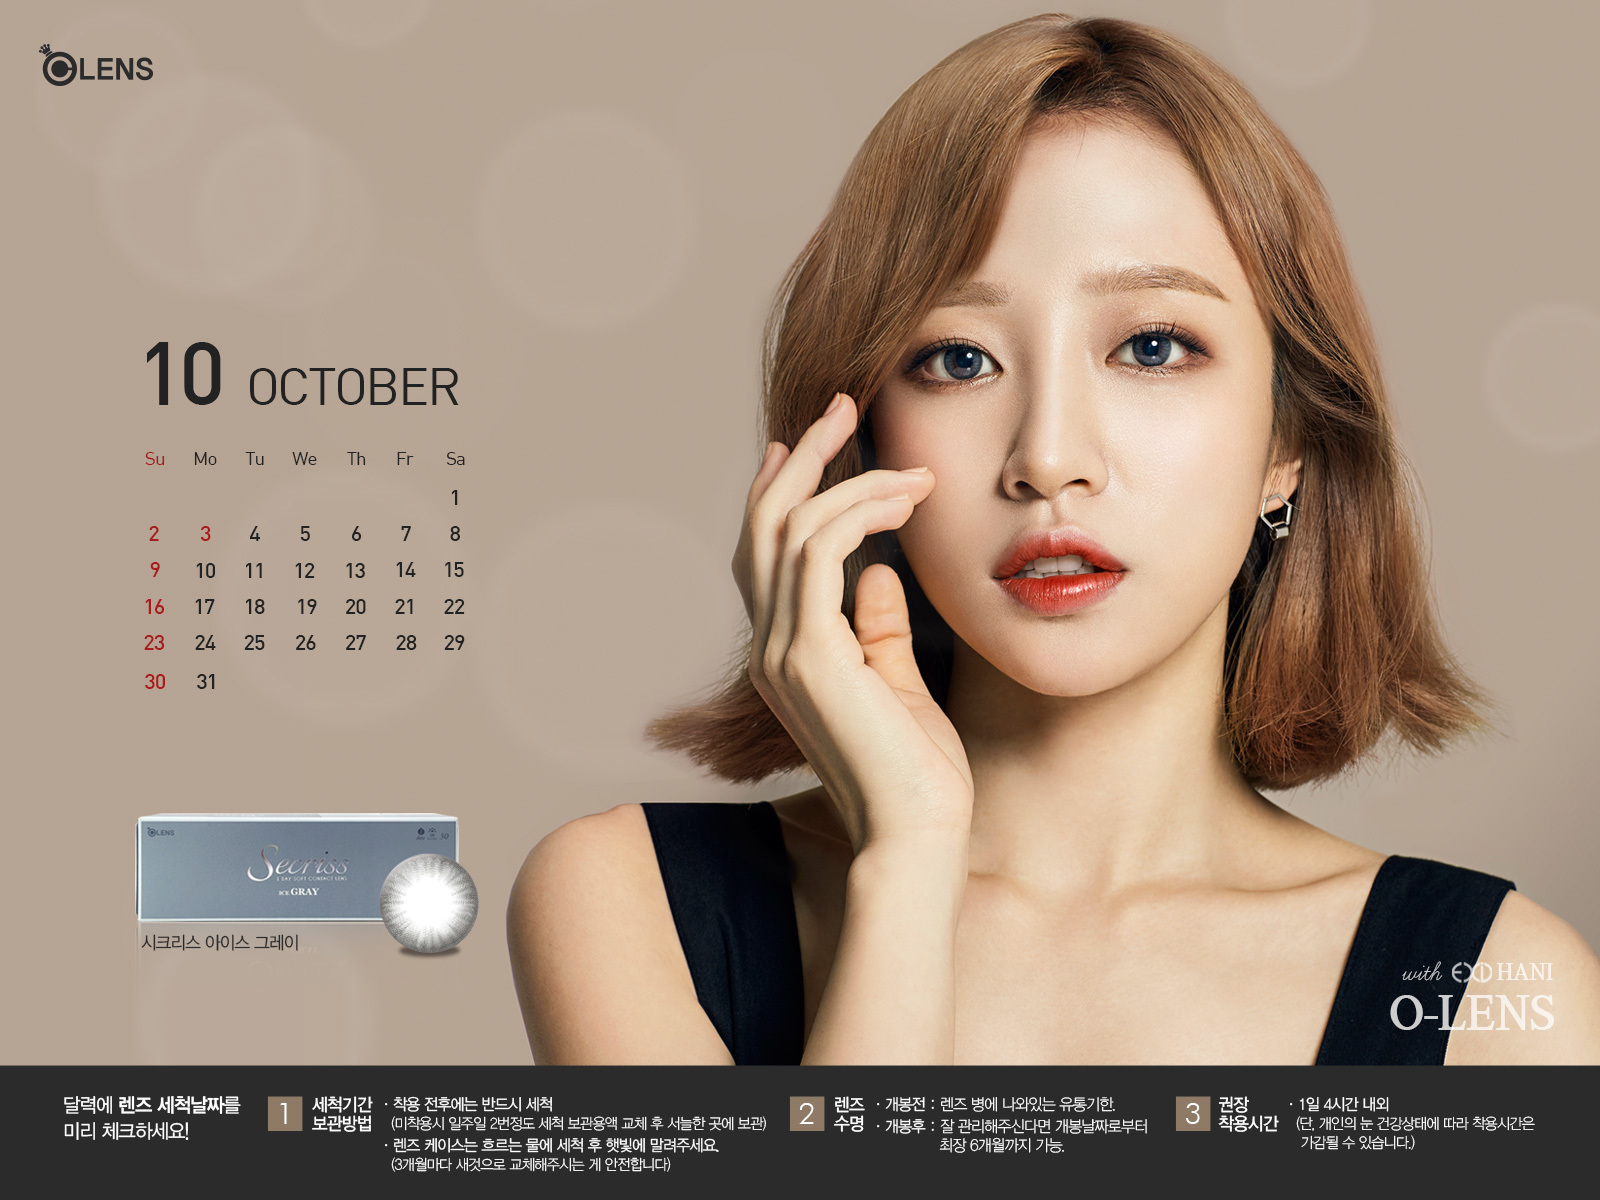 Exidハニ オレンズ 10月のカレンダー スマホ壁紙公開 Exid